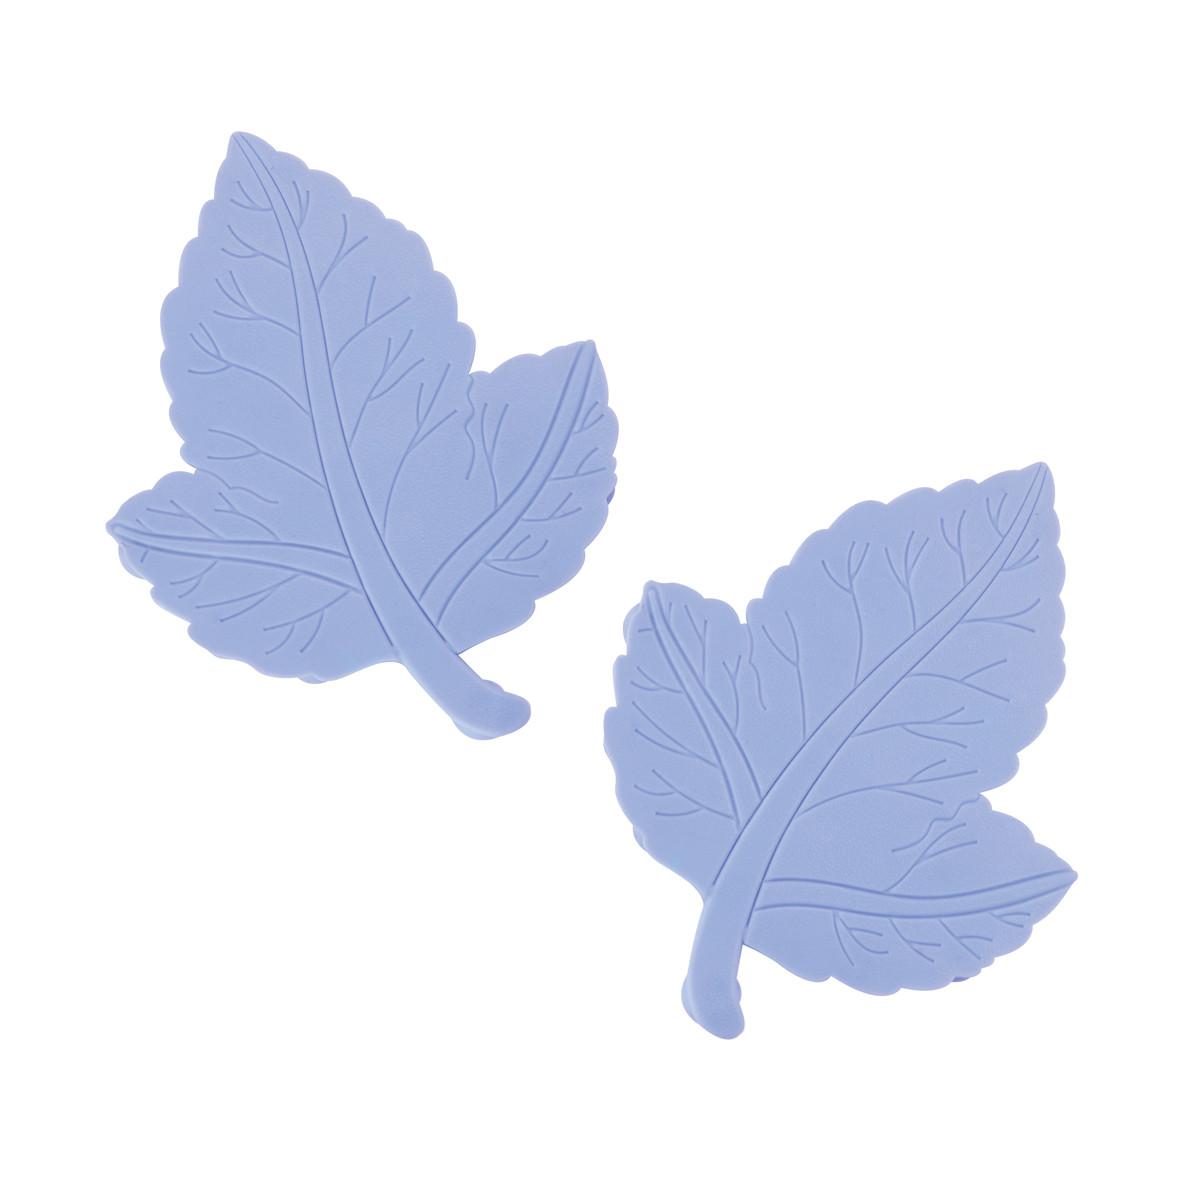 Αντιολισθητικά Πατάκια Μπάνιου (Σετ 6τμχ) εstia Leaves 02-1704